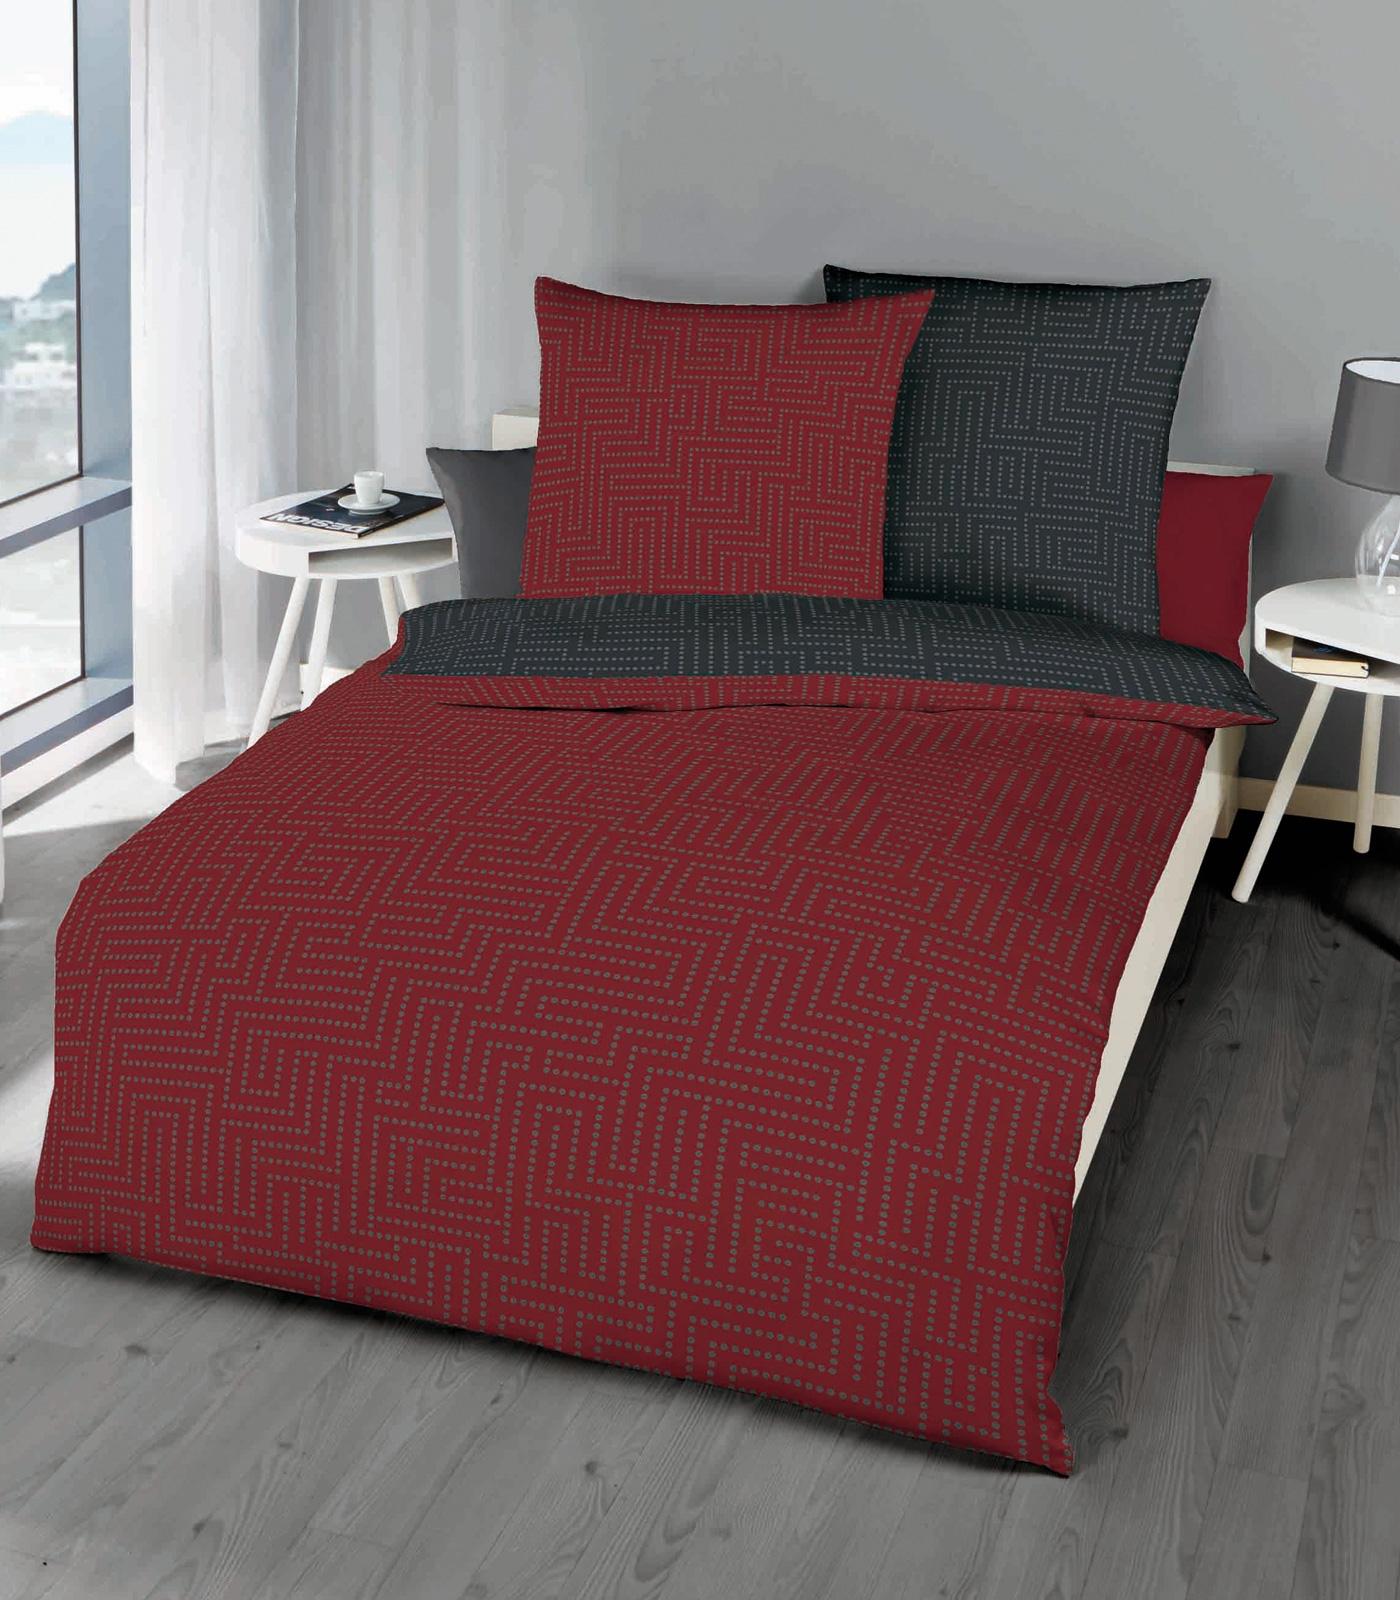 Bettwäsche - Kaeppel Biber Bettwäsche 100 Baumwolle Password rubin 135x200 Aufbewahrungsbeutel  - Onlineshop PremiumShop321